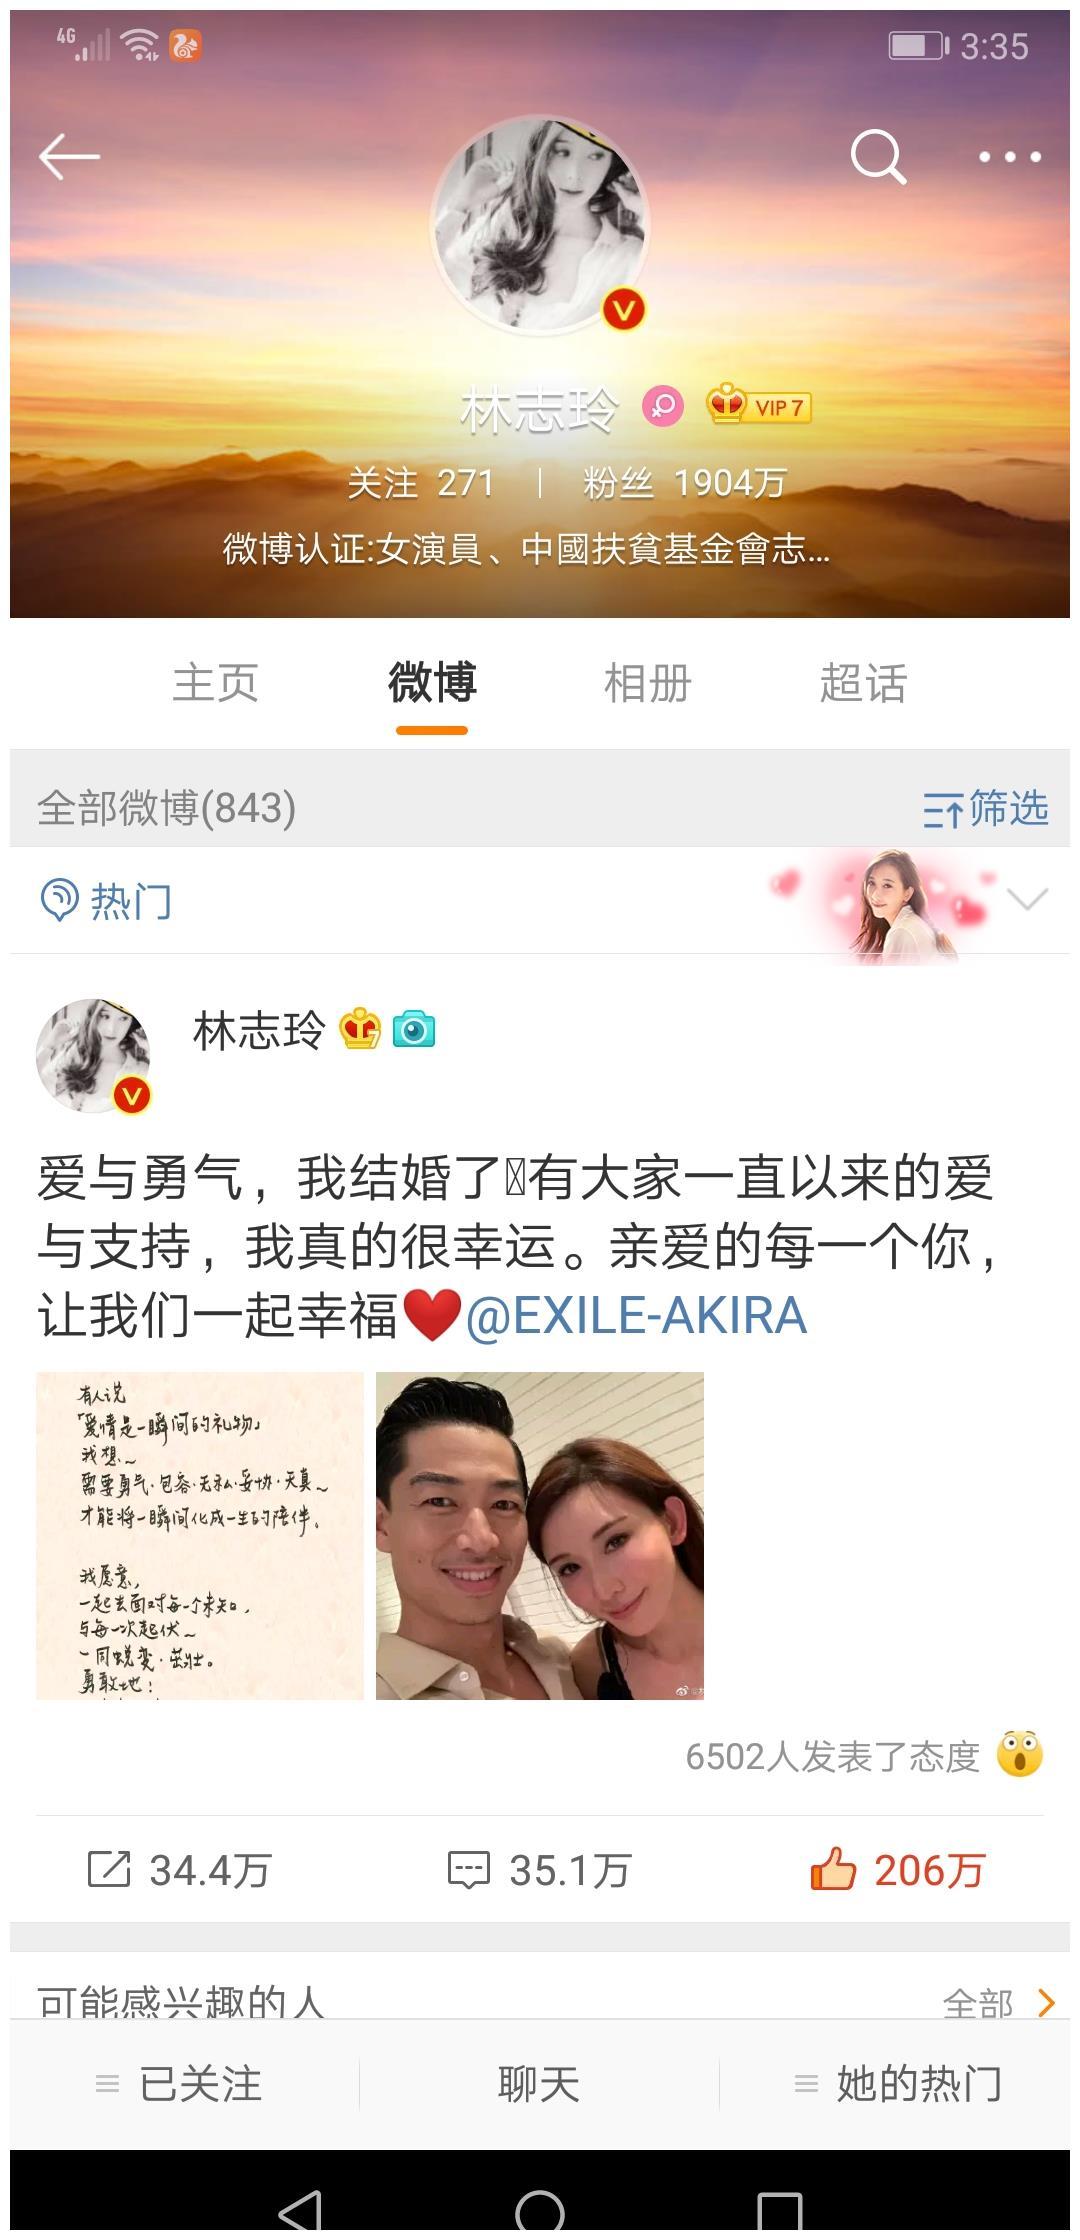 太突然了,志林姐姐宣布结婚了,真爱,祝福。